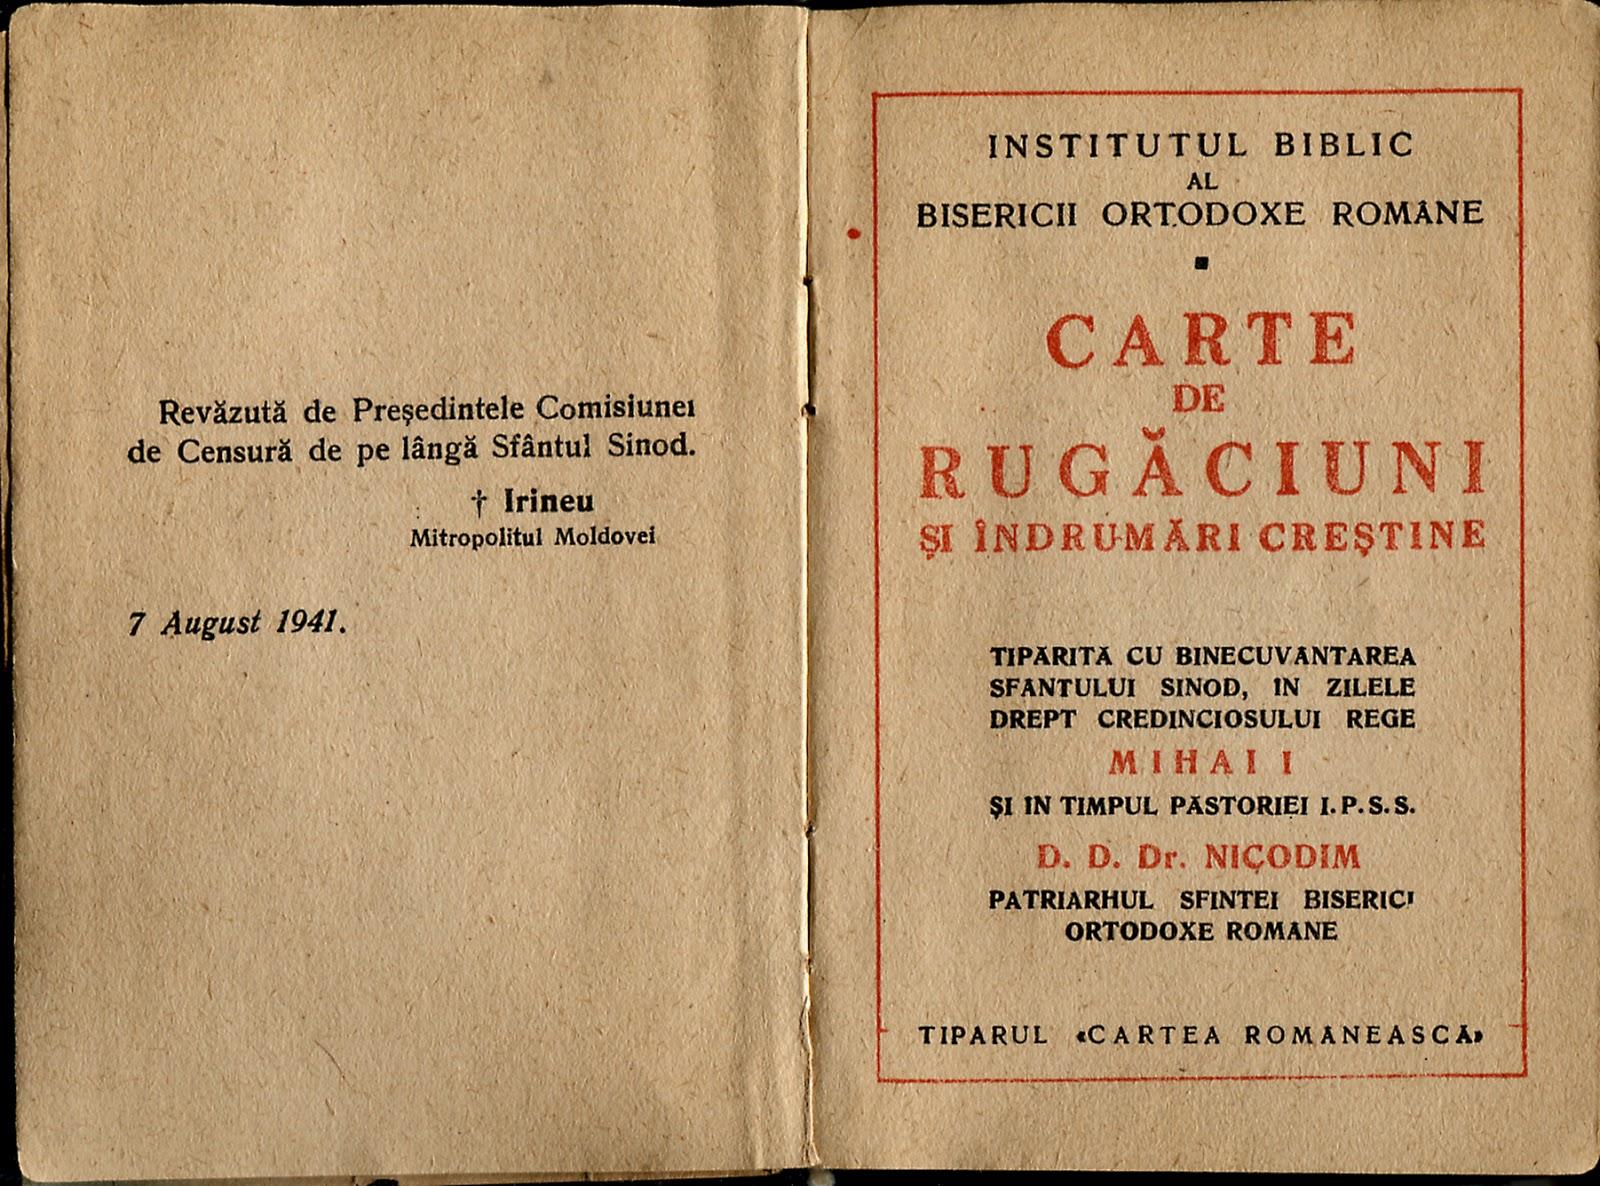 Risultati immagini per Carte de Rugaciuni,